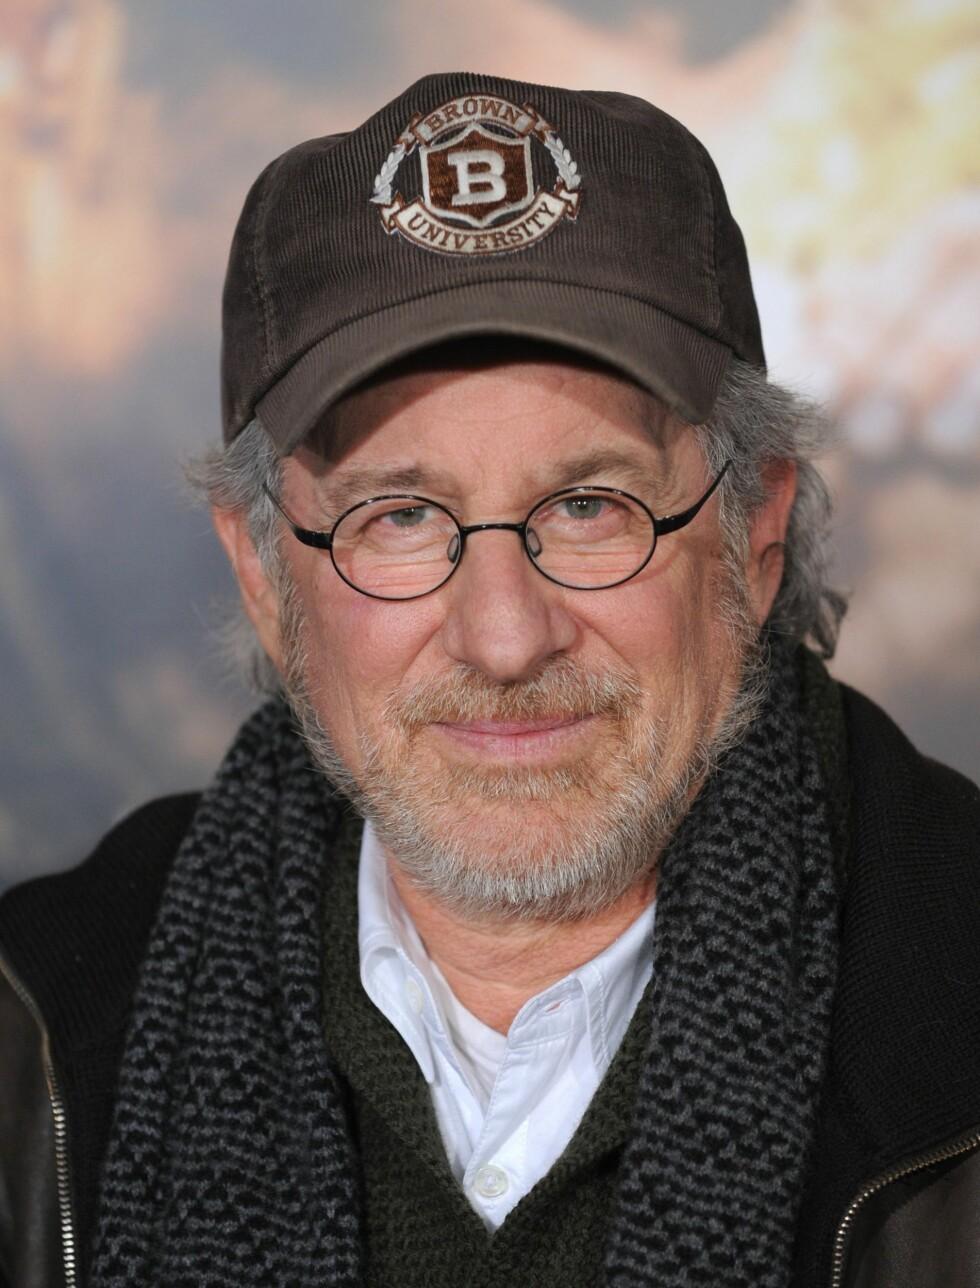 NUMMER 4: Steven Spielberg (65) er regissøren som nesten ikke trenger noen introduksjon. Han står bak filmer som «Schindlers Liste», «Artificial Intelligence» og hans siste storfilm «War Horse». Det gjorde han 795 millioner kroner rikere det siste Foto: Fame Flynet